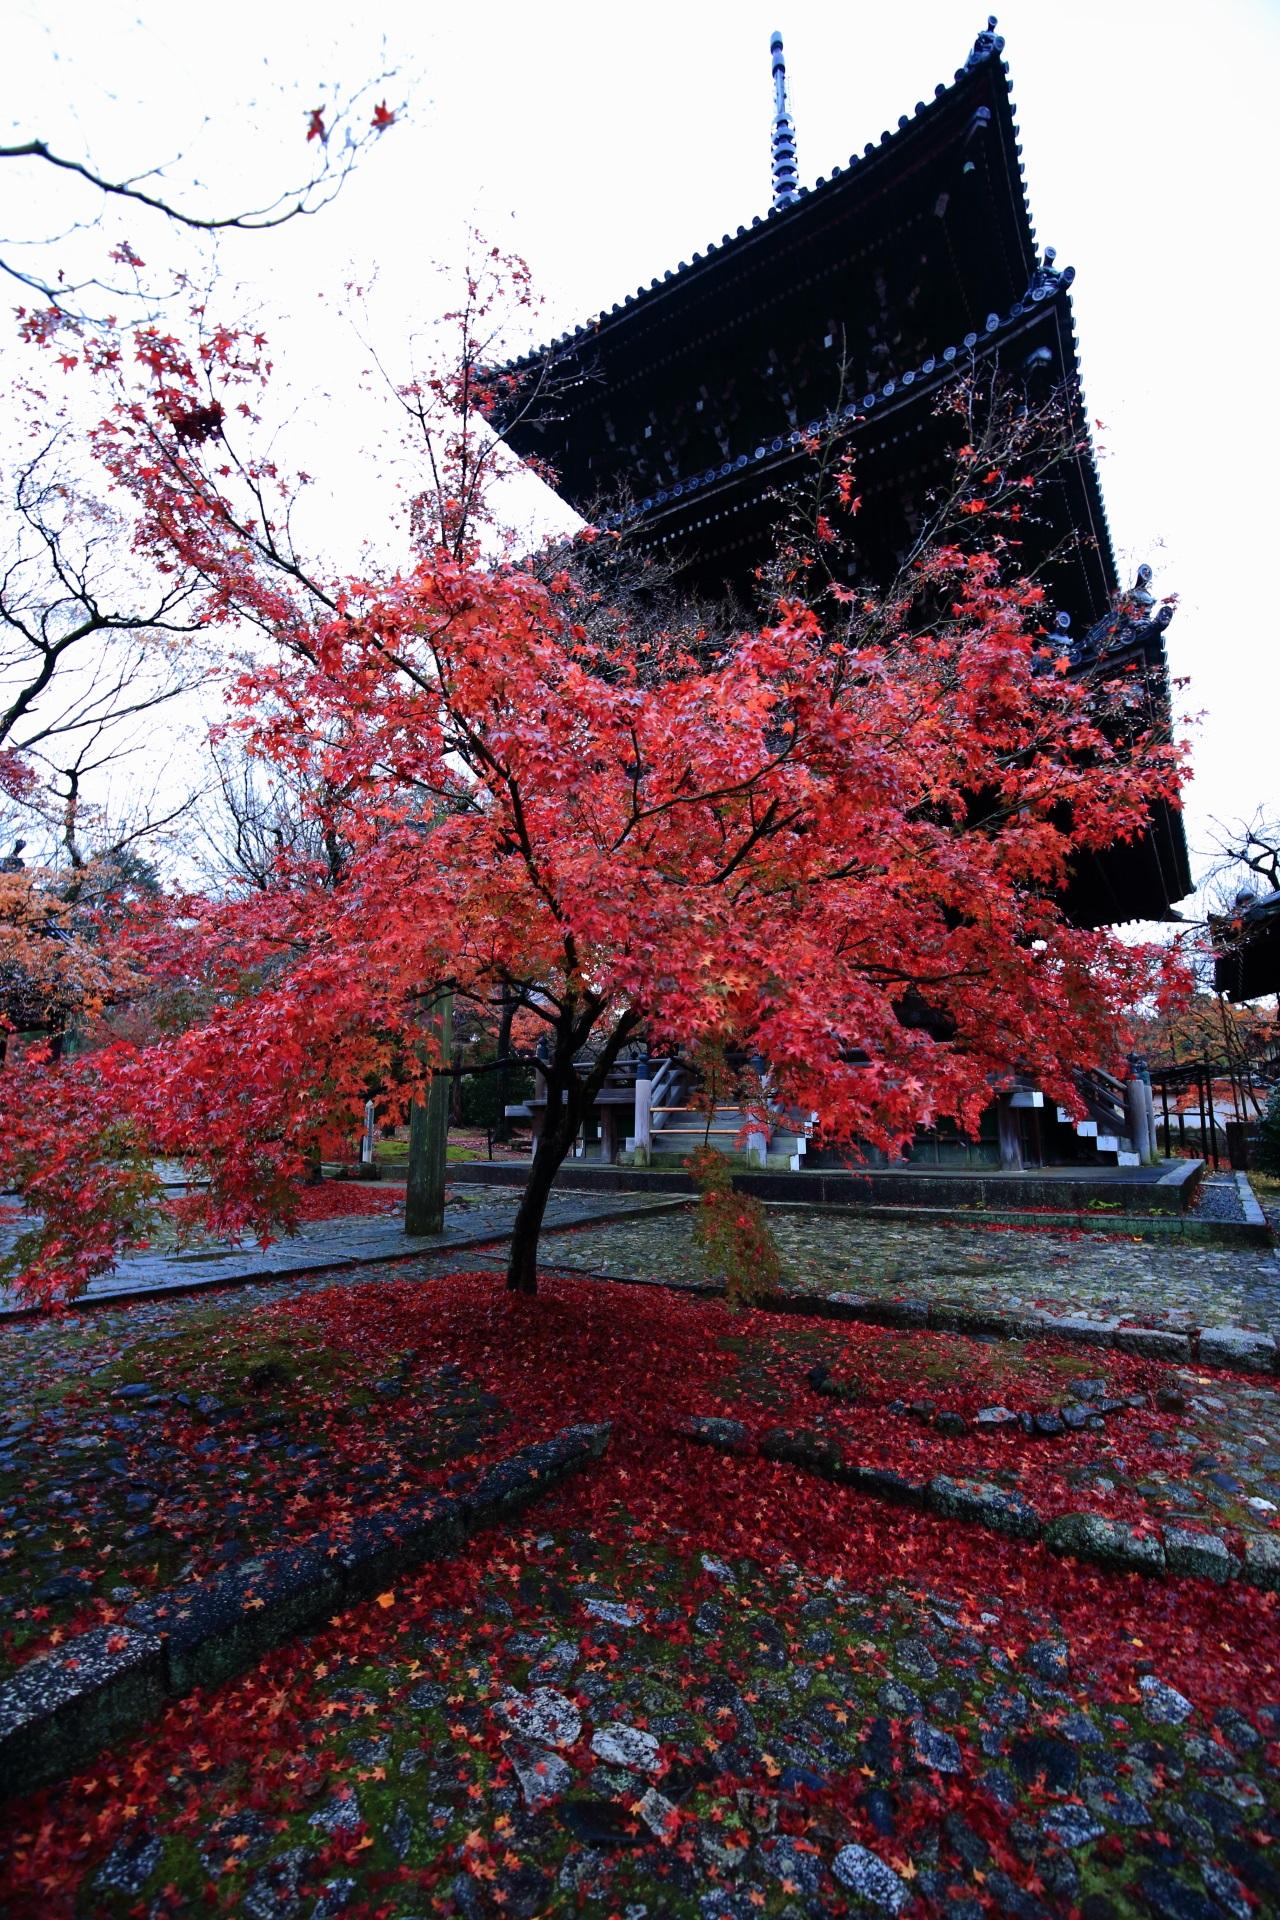 真如堂の三重塔と鮮やかな散り紅葉